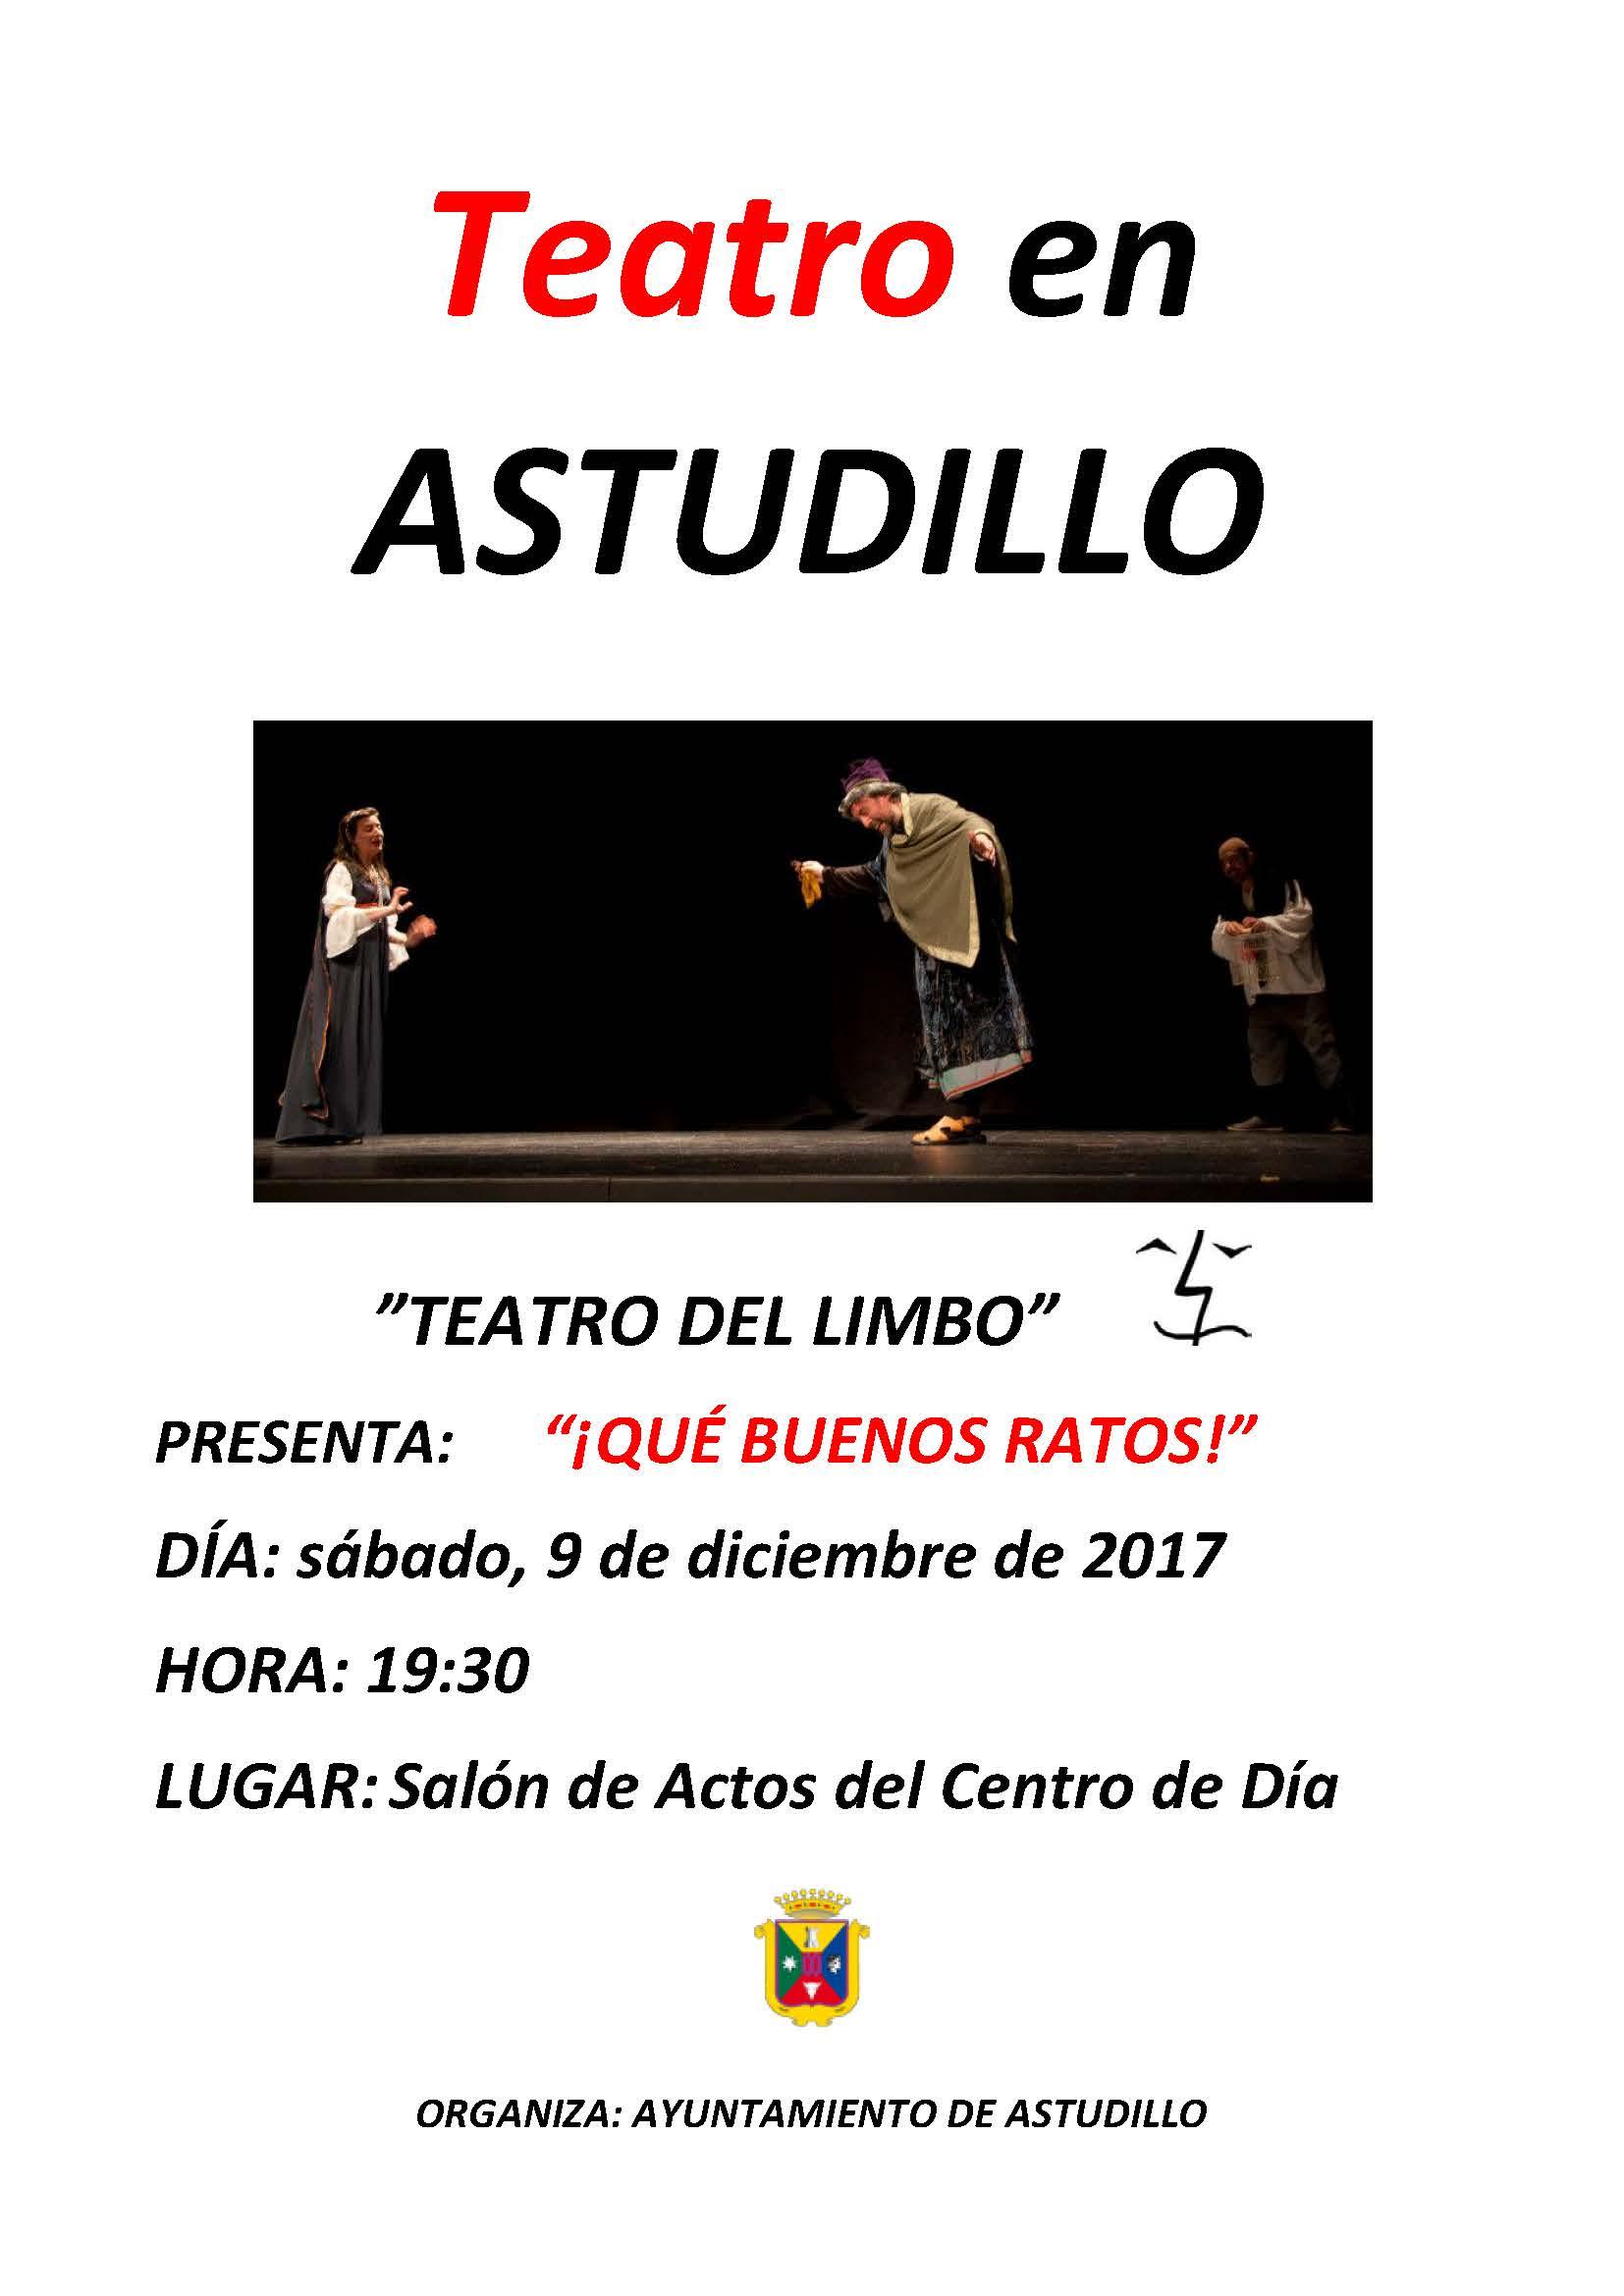 Teatro en Astudillo